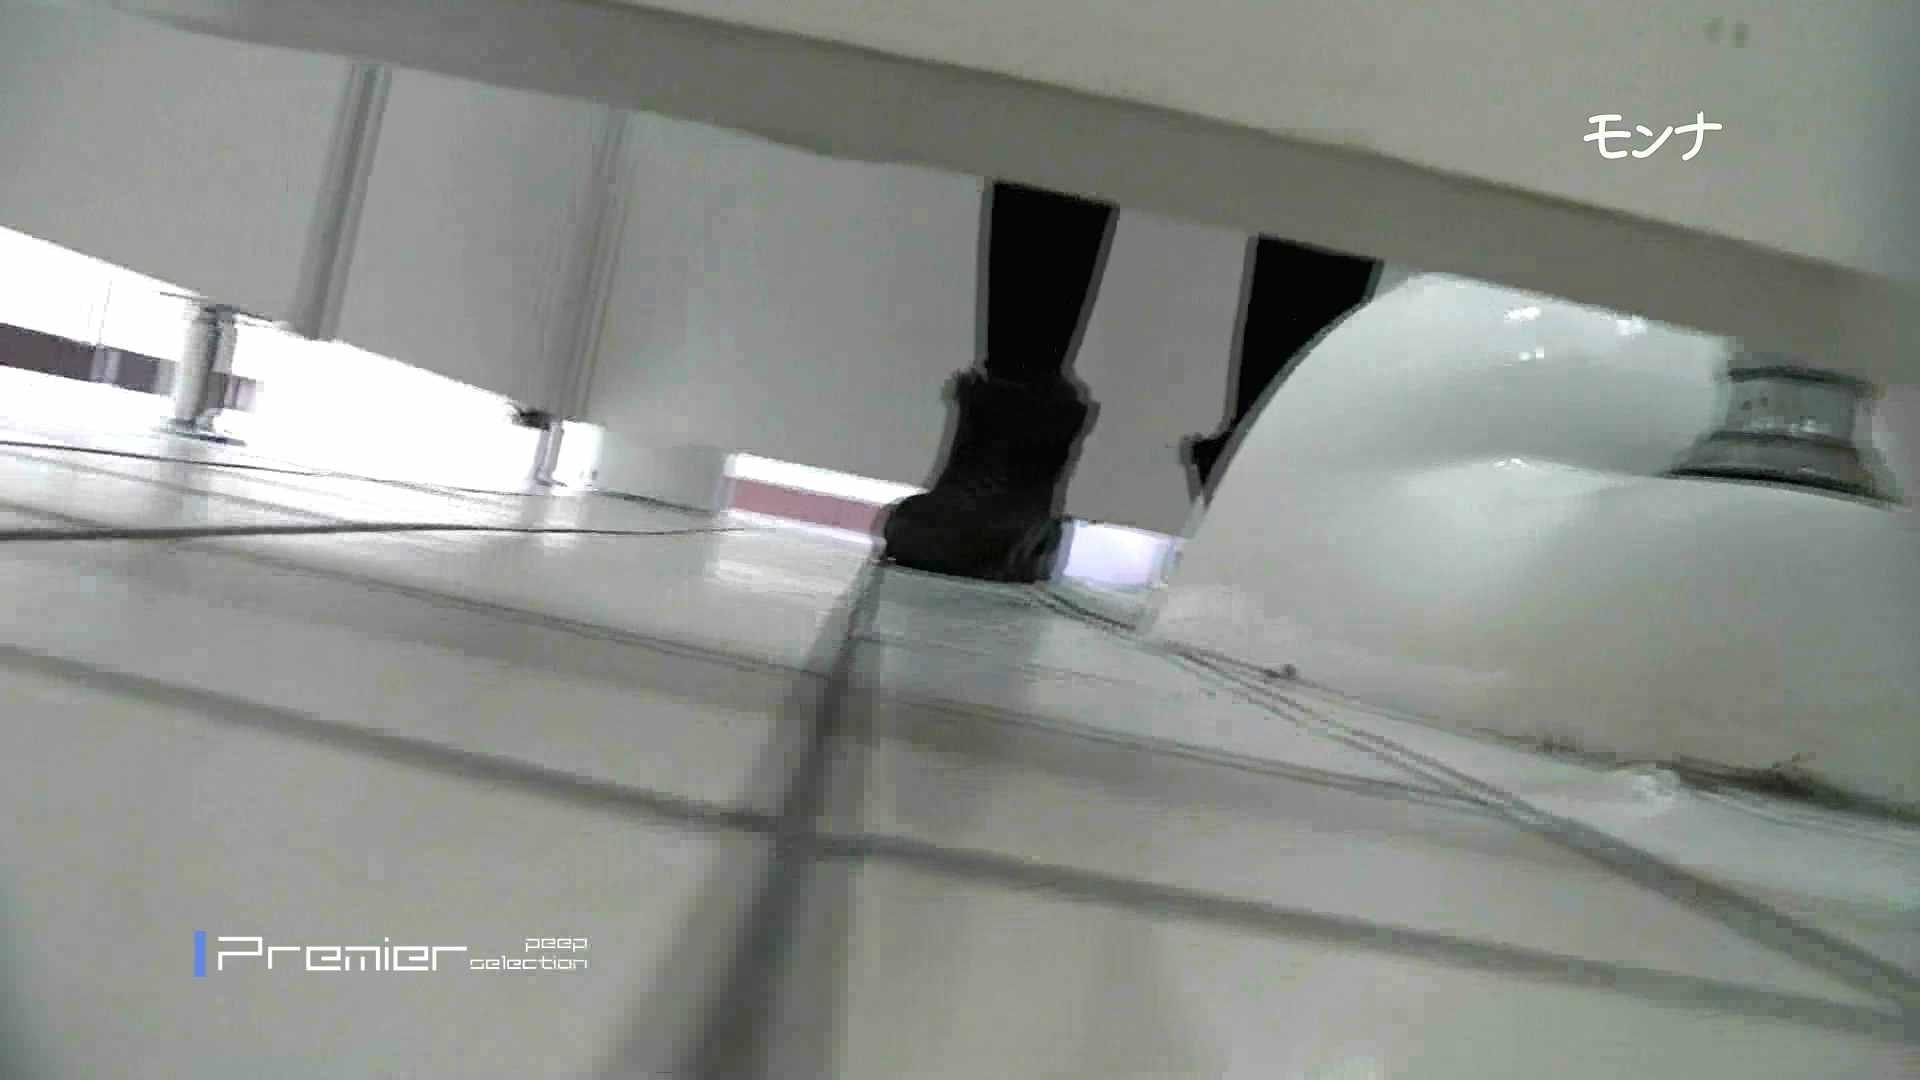 遂に!!戸田恵梨香似の予告モデル登場ダッシュで「大」 盗撮 | ギャルの実態  105pic 10